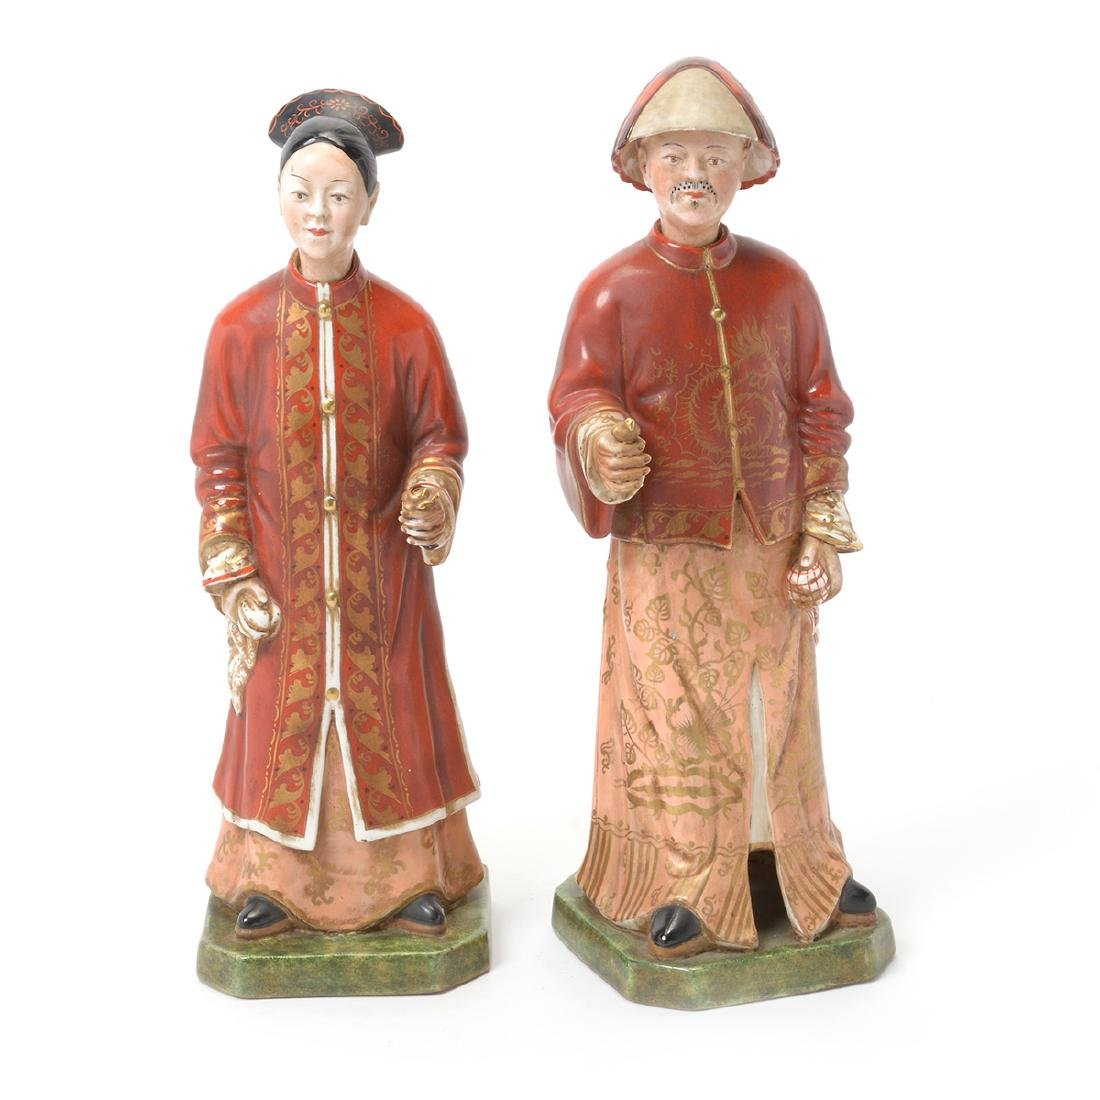 Pair of Italian Porcelain Nodder Figures of Chinoiserie